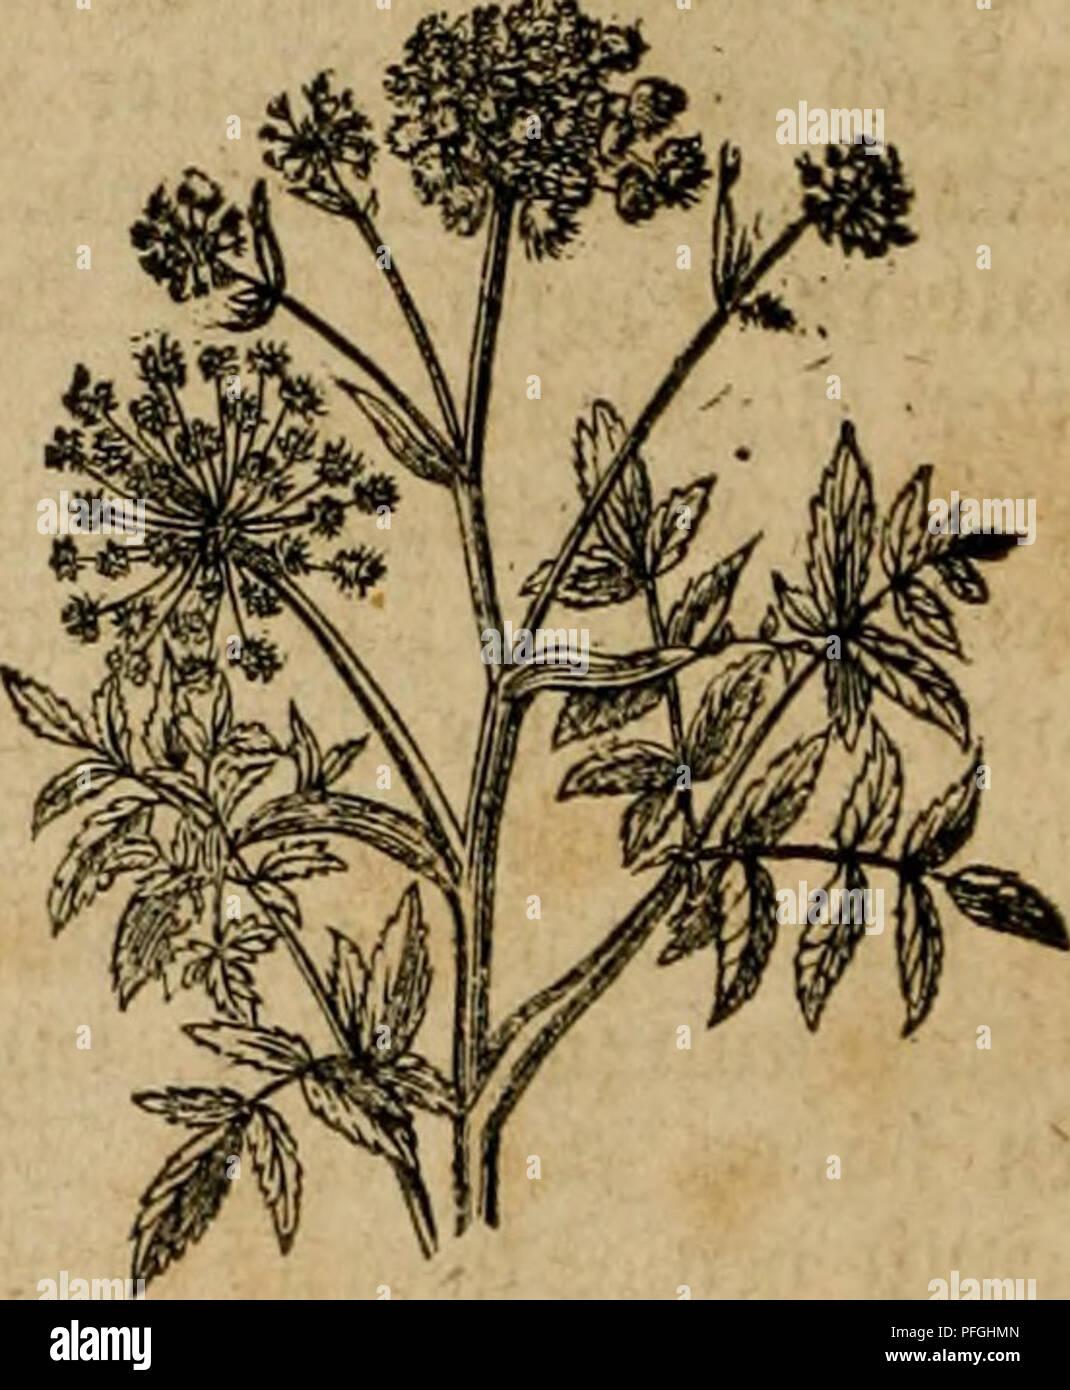 . Das grosse illustrirte Kräuter-Buch : eine ausführliche Beschreibung aller Pflanzen, mit genauer Augabe ihres Gebrauchs, Nutzens und ihrer Wirkung in der Arzneikunde. Medicinal plants; Materia medica, Vegetable; Herbs. 40 mtt^tUfe, nnb Btibct ctnctt tncl^tcrc ^oU ^ol^cti, rec^t hx^kn 33ufc^, bcffctt bteita^^tge iÃtättcr erjl nad^ bcm S5erblfil^en bcr in bcn crfteii ^ti'il^ttngStaöcn f)ervorbrccl)cnbeu S?lunien Ã)vc tooüigc 5(u§bilbung erlangen. ®en)5t}nlic[) t}abcu bie 5BUuueu eine fe^r jc^öne, ^immels kaue g^arbe, bie aber in ben ©arten, ido man fie einfach unb gefiiüt ^at, mit ro - Stock Image